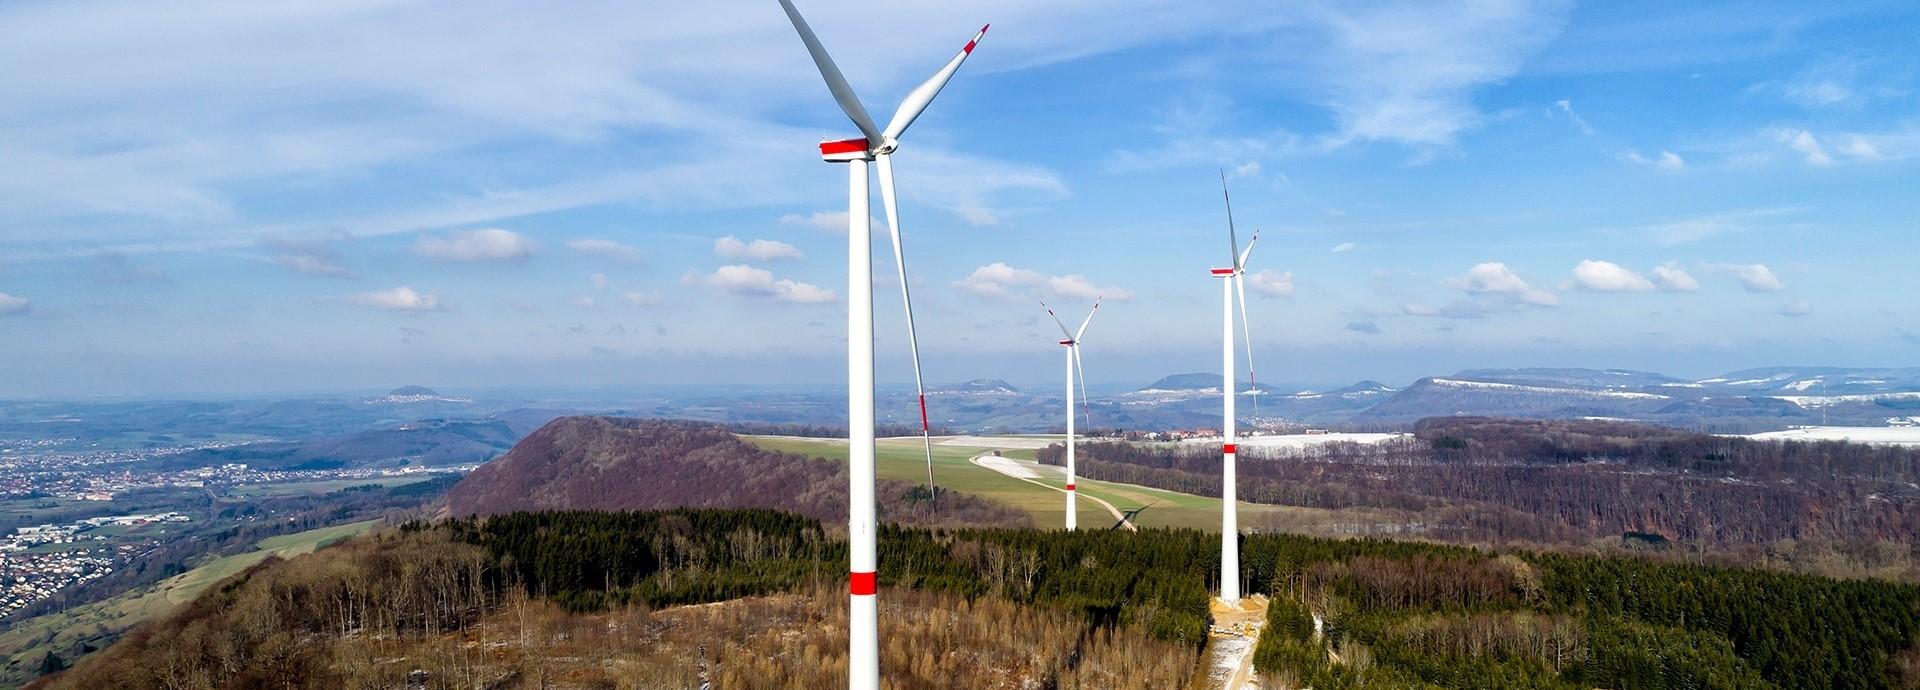 Ihr Projektentwickler für Erneuerbare-Energie-Projekte in Baden-Württemberg